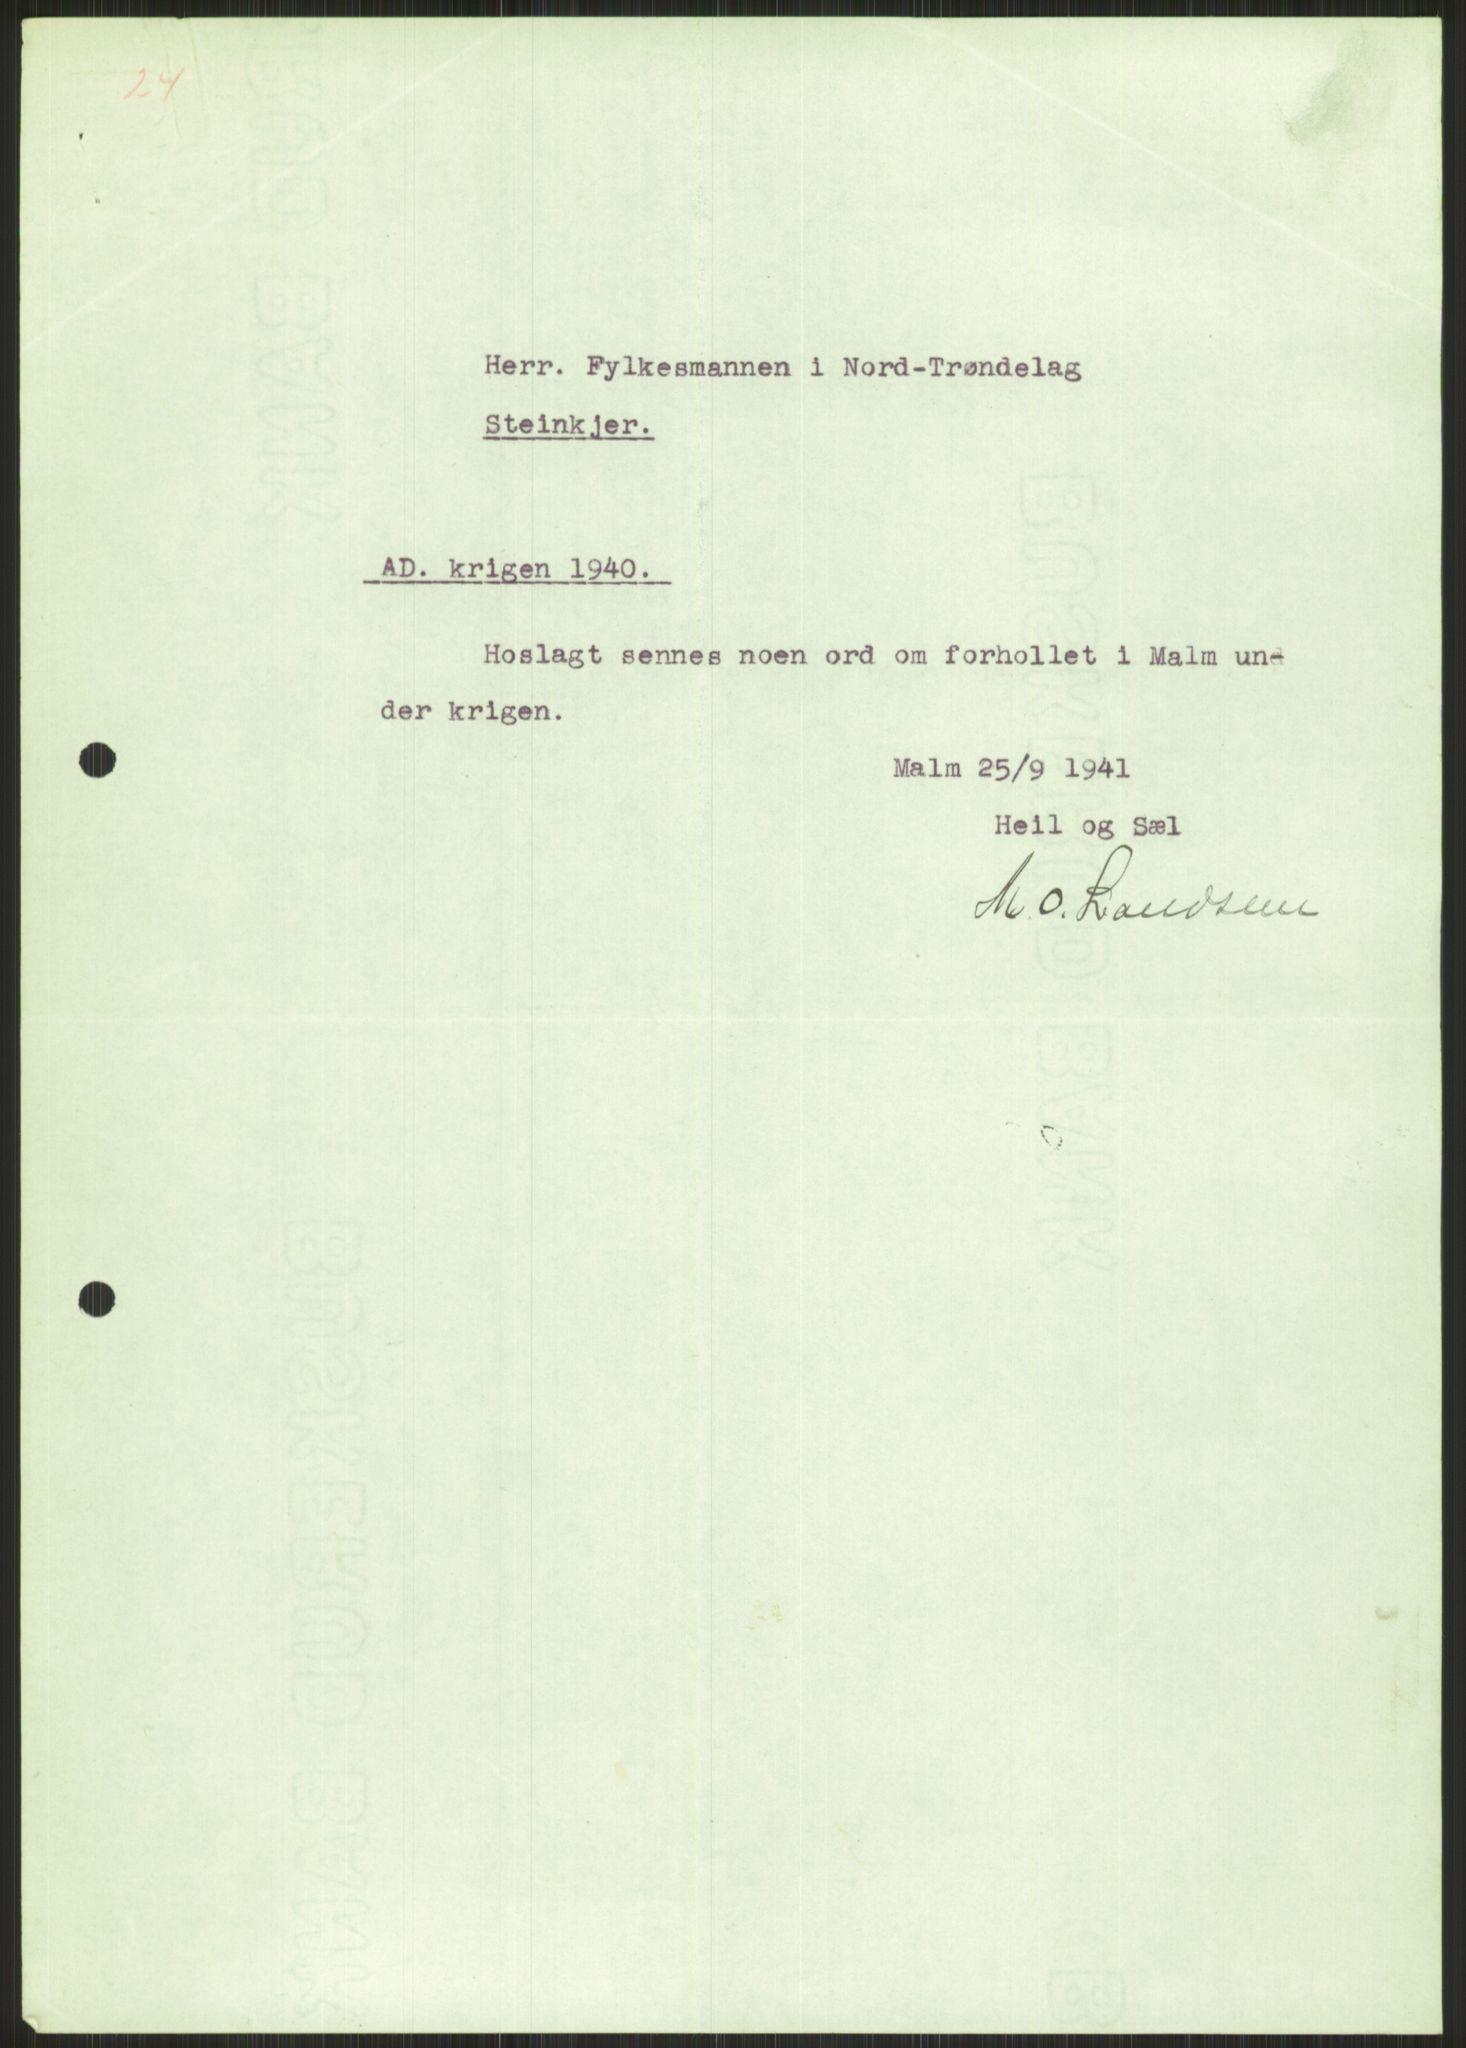 RA, Forsvaret, Forsvarets krigshistoriske avdeling, Y/Ya/L0016: II-C-11-31 - Fylkesmenn.  Rapporter om krigsbegivenhetene 1940., 1940, s. 502